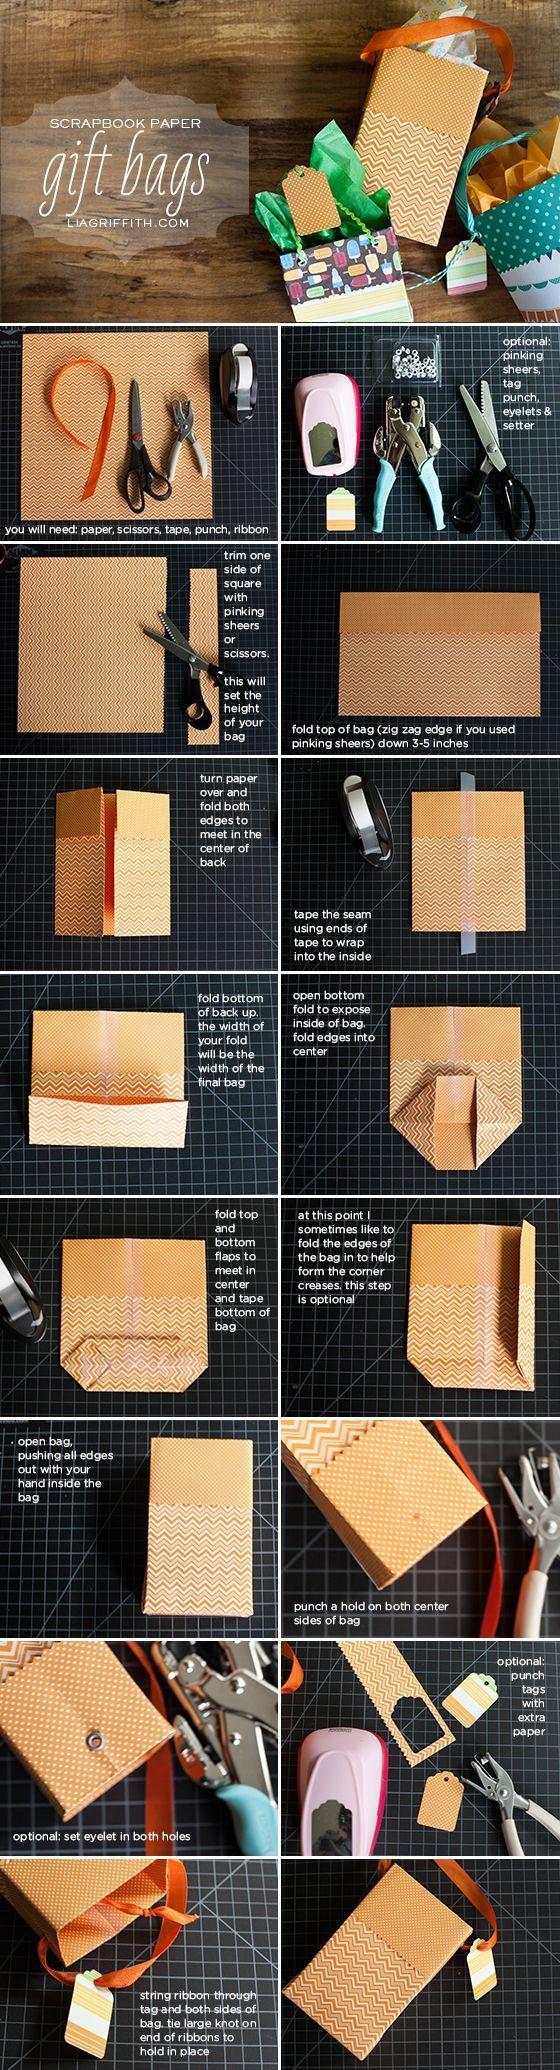 5 x Creatief inpakken. | http://anoukdekker.nl/5-x-creatief-inpakken/